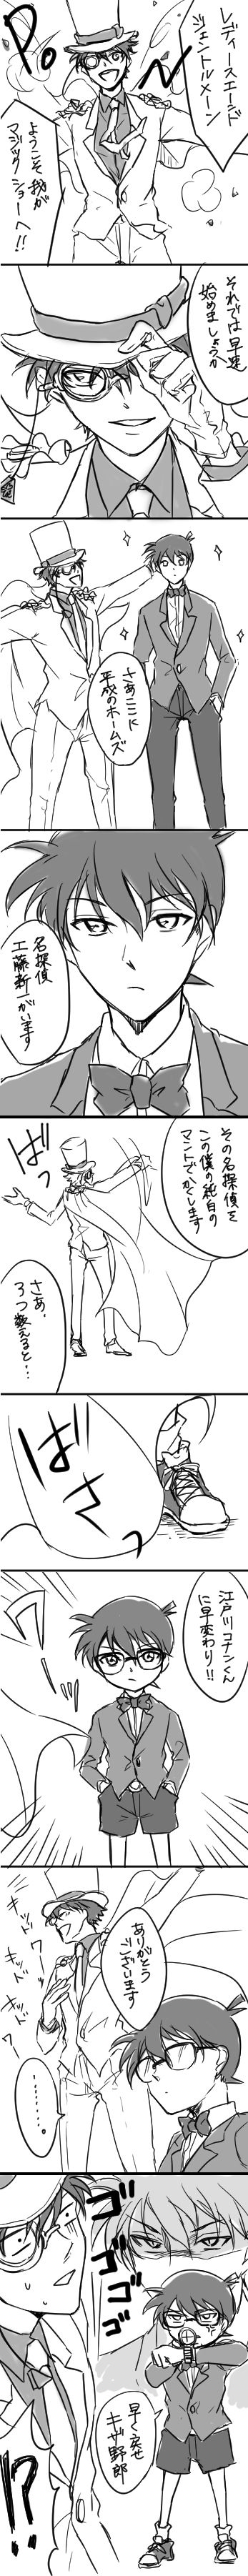 戻せ! 怪盗キッドのマジックショーで工藤新一が江戸川コナンにされた結果(笑)conan_0076